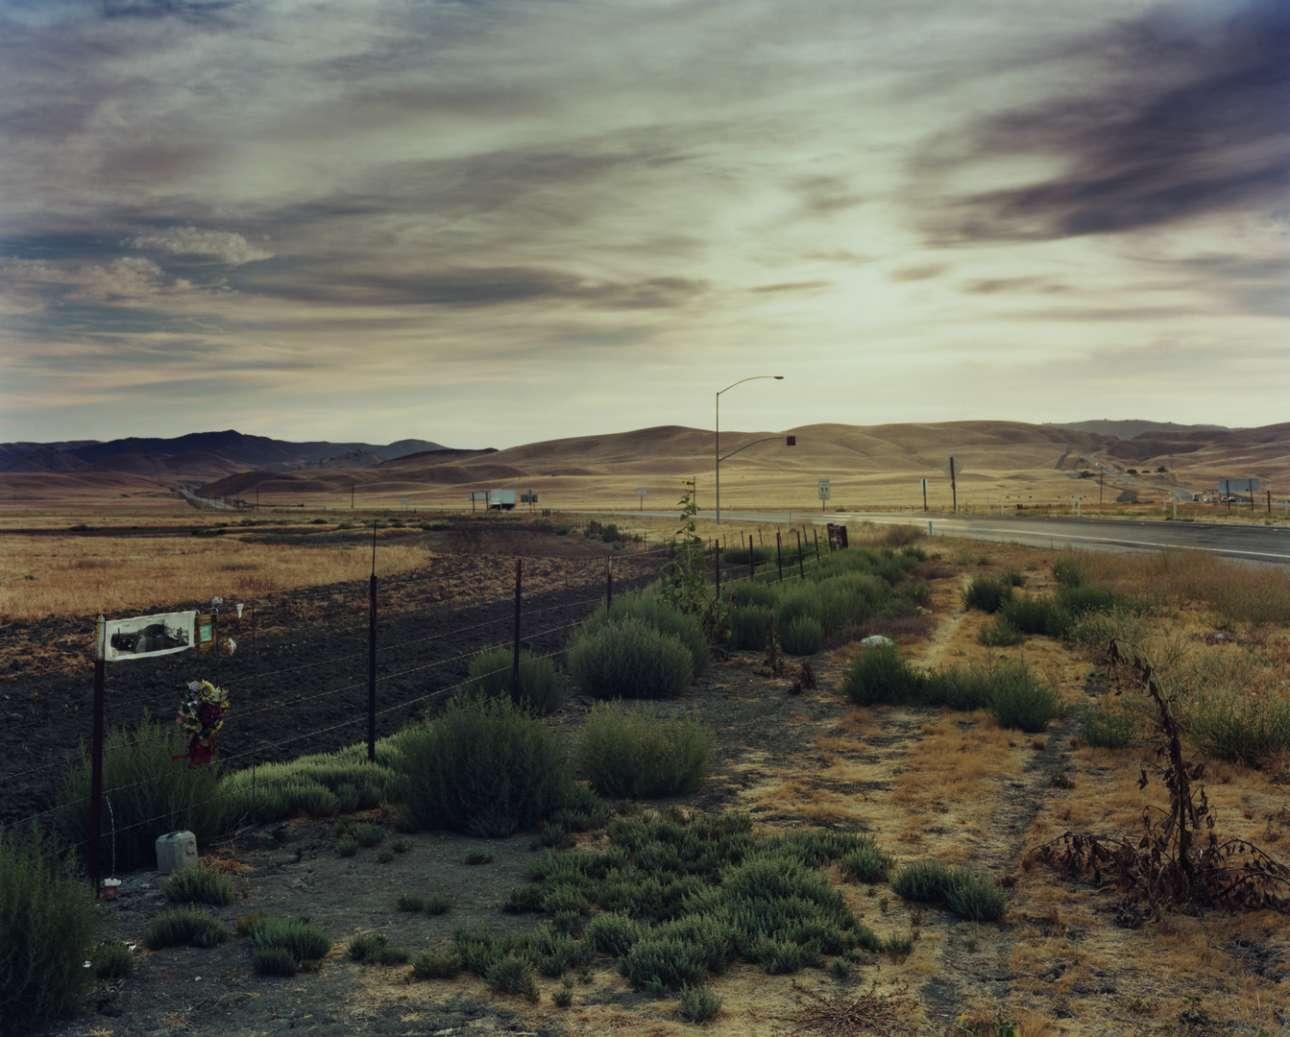 Τζέιμς Ντιν, Route 46, Καλιφόρνια, 30 Σεπτεμβρίου του 1955. Οδηγώντας την Porsche του, ο Τζέιμς Ντιν βλέπει ένα αυτοκίνητο στο βάθος. «Μας είδε, θα σταματήσει» καθησυχάζει τον συνοδηγό του. Ομως ο οδηγός του Ford δεν είχε δει τίποτα καθώς το όχημα ήταν πολύ ψηλό. Η σύγκρουση είναι αναπόφευκτη. Ο συνοδηγός γλιτώνει, αλλά τα πόδια του Ντιν κολλάνε στο πετάλι και σπάει ο λαιμός του μετά την πρόσκρουση